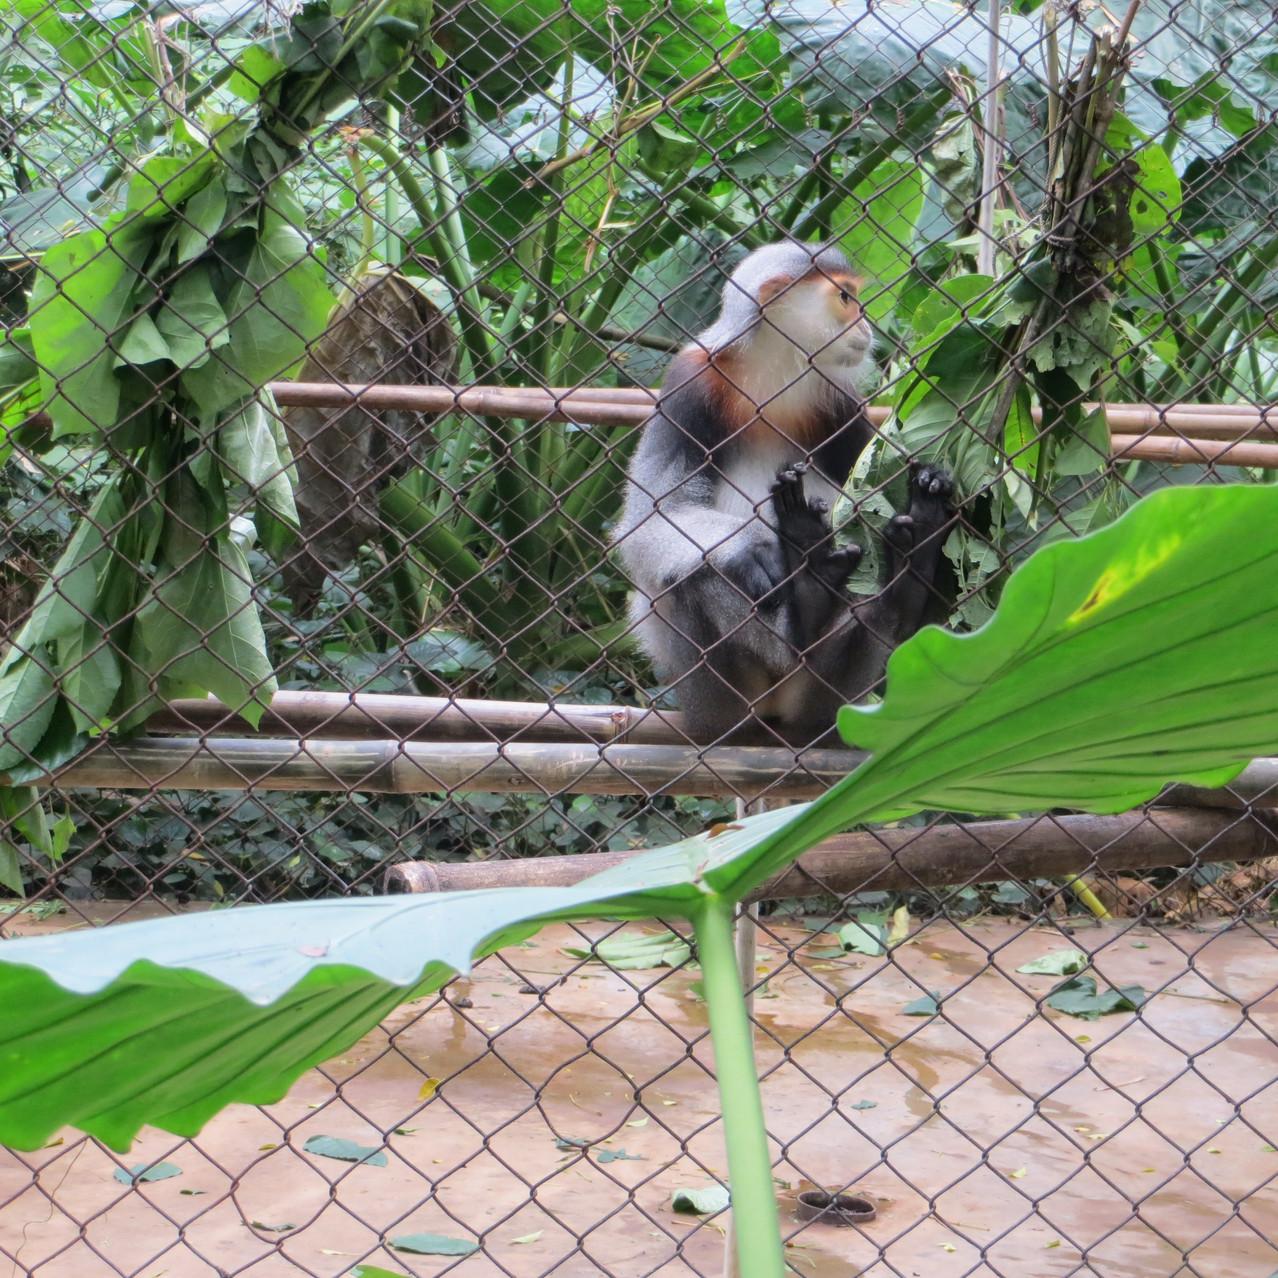 Endangered Primate